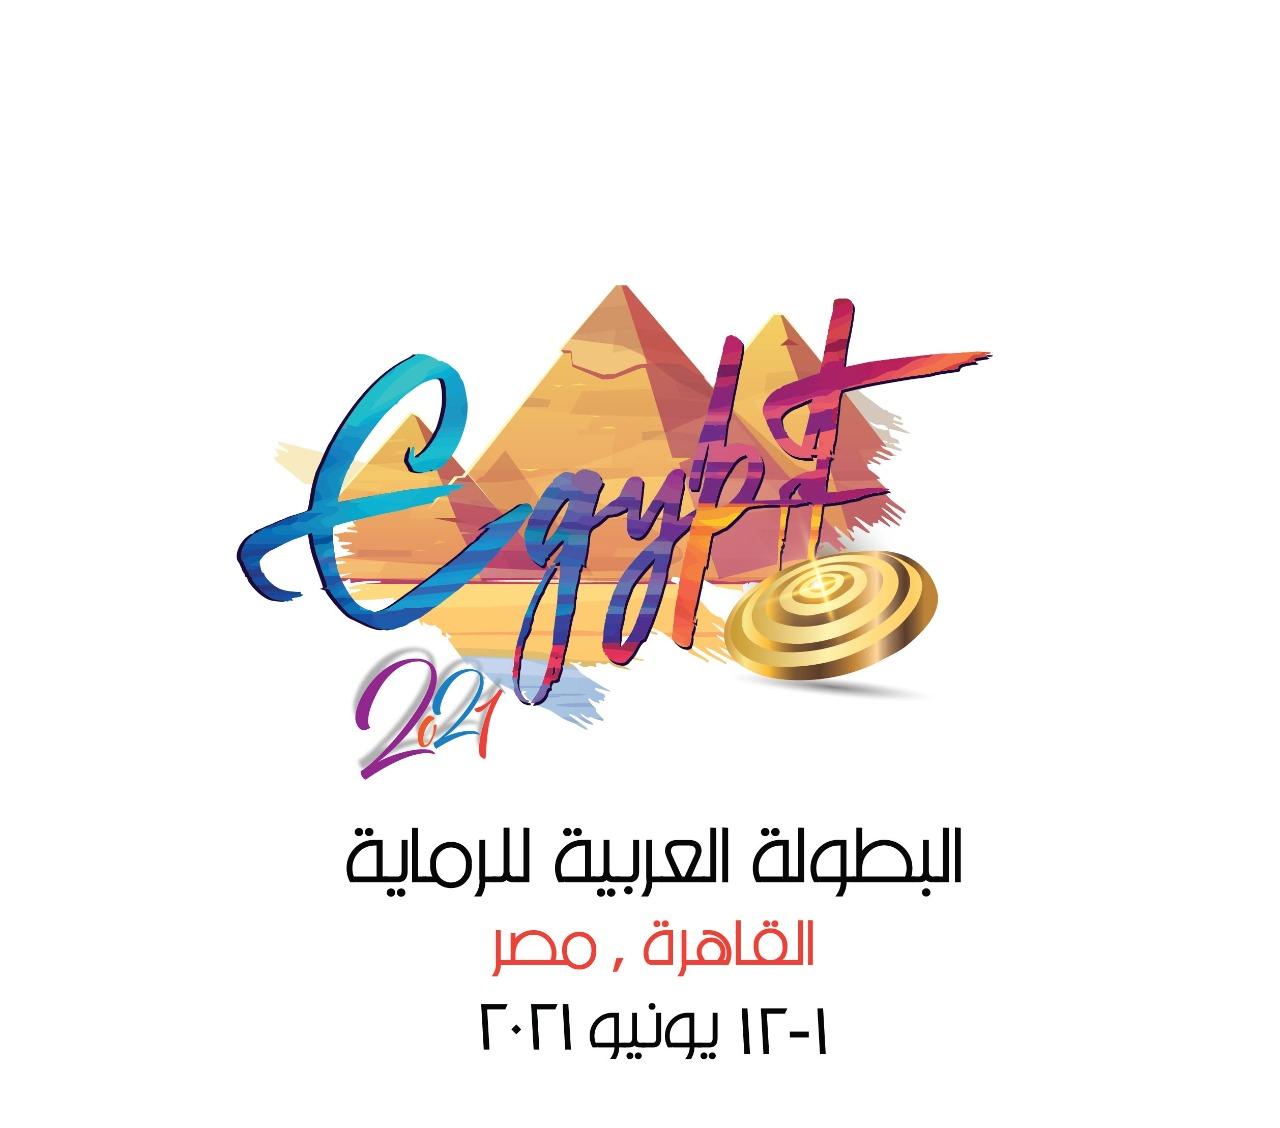 بمشاركة 300 رام ورامية من 12 دولة:مصر تستضيف البطولة العربية للرماية